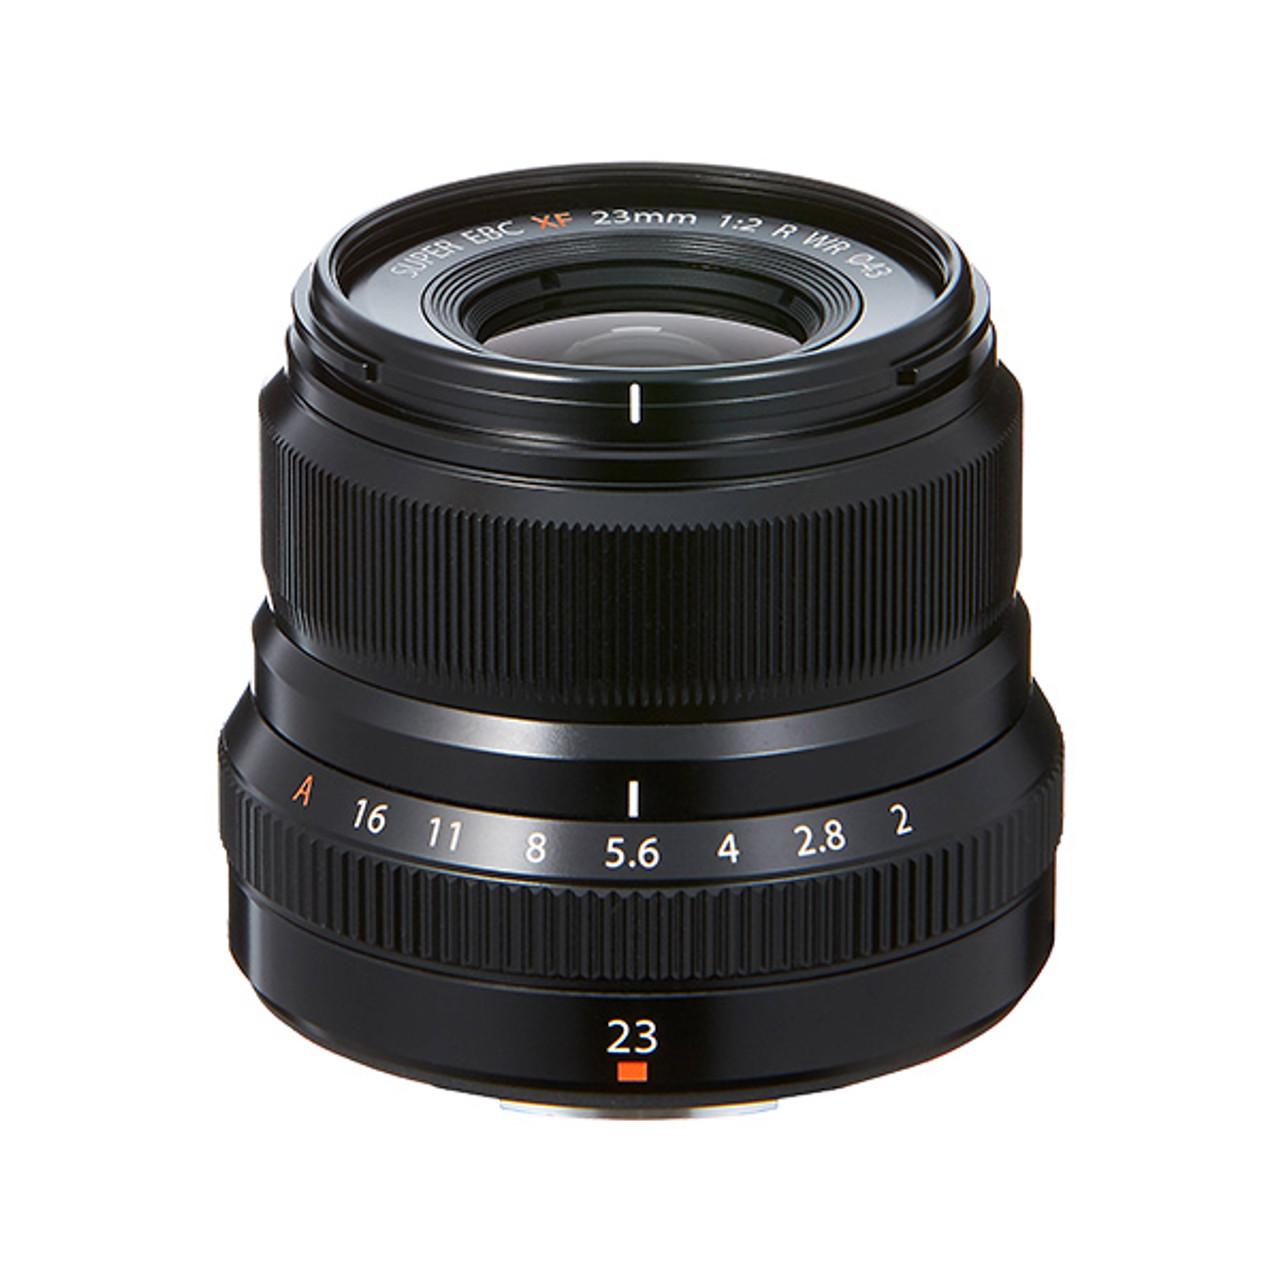 Fujifilm Fujinon XF 23mm F2 R WR Lens Black